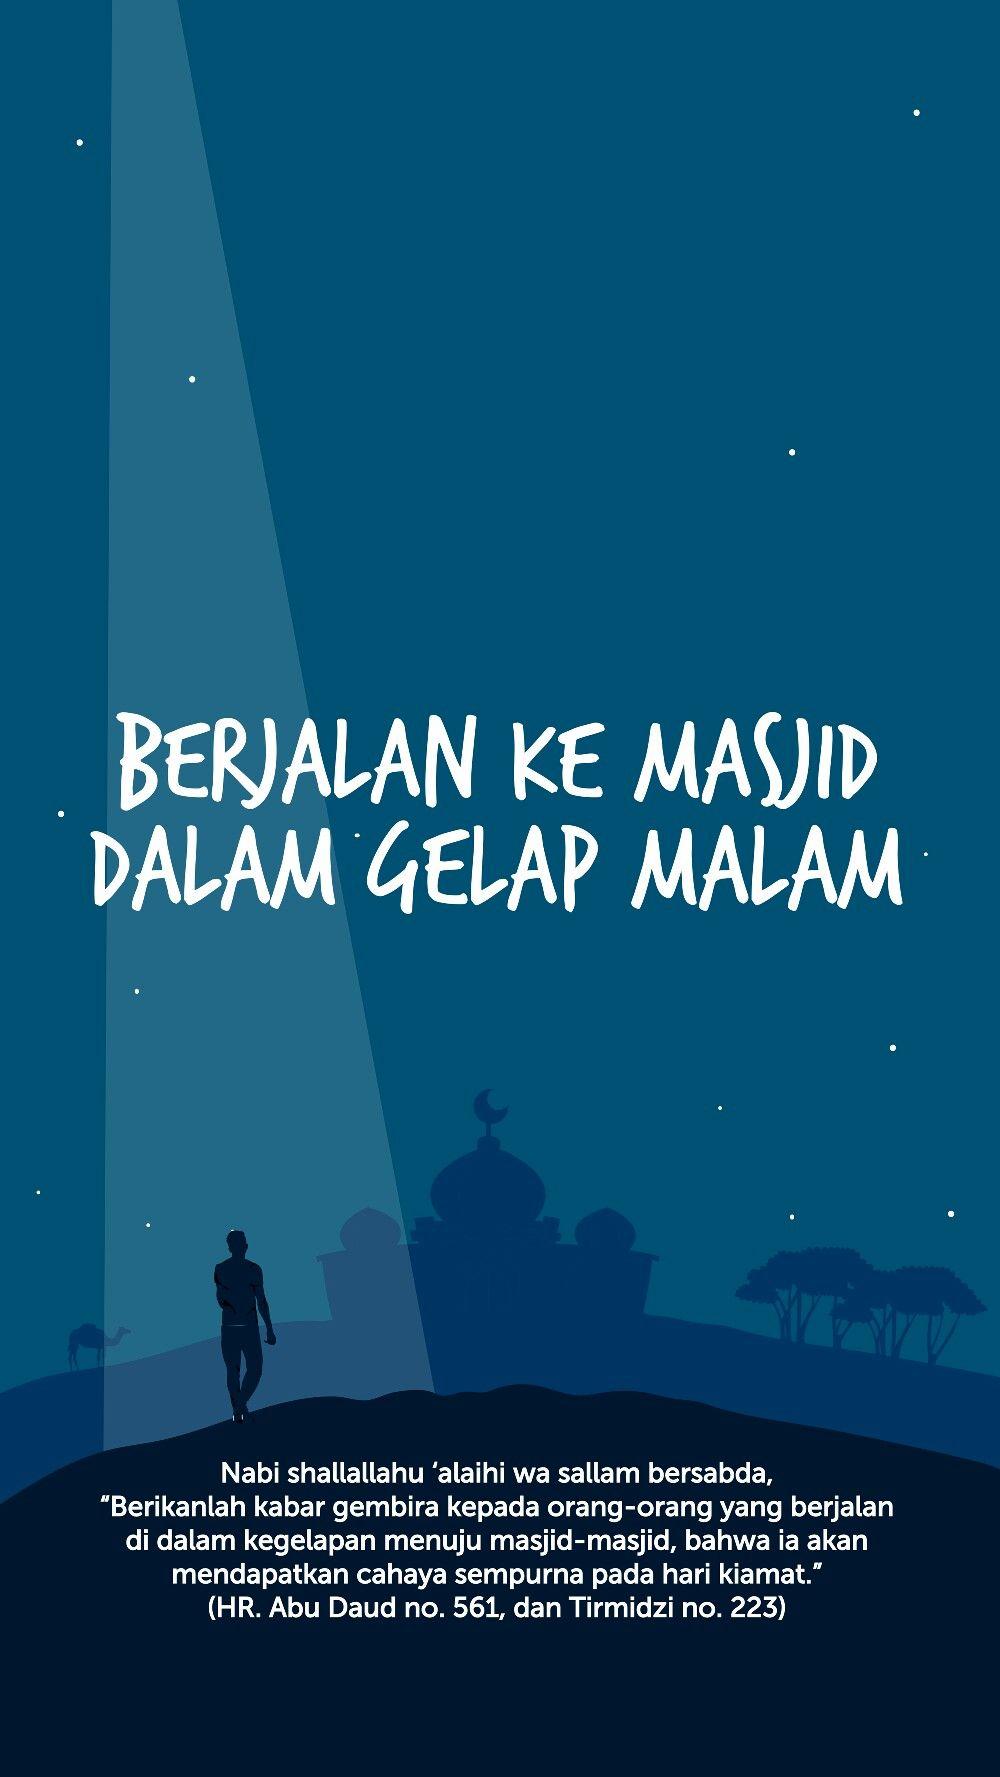 balasan bagi yang berjalan ke masjid dalam keadaan gelap